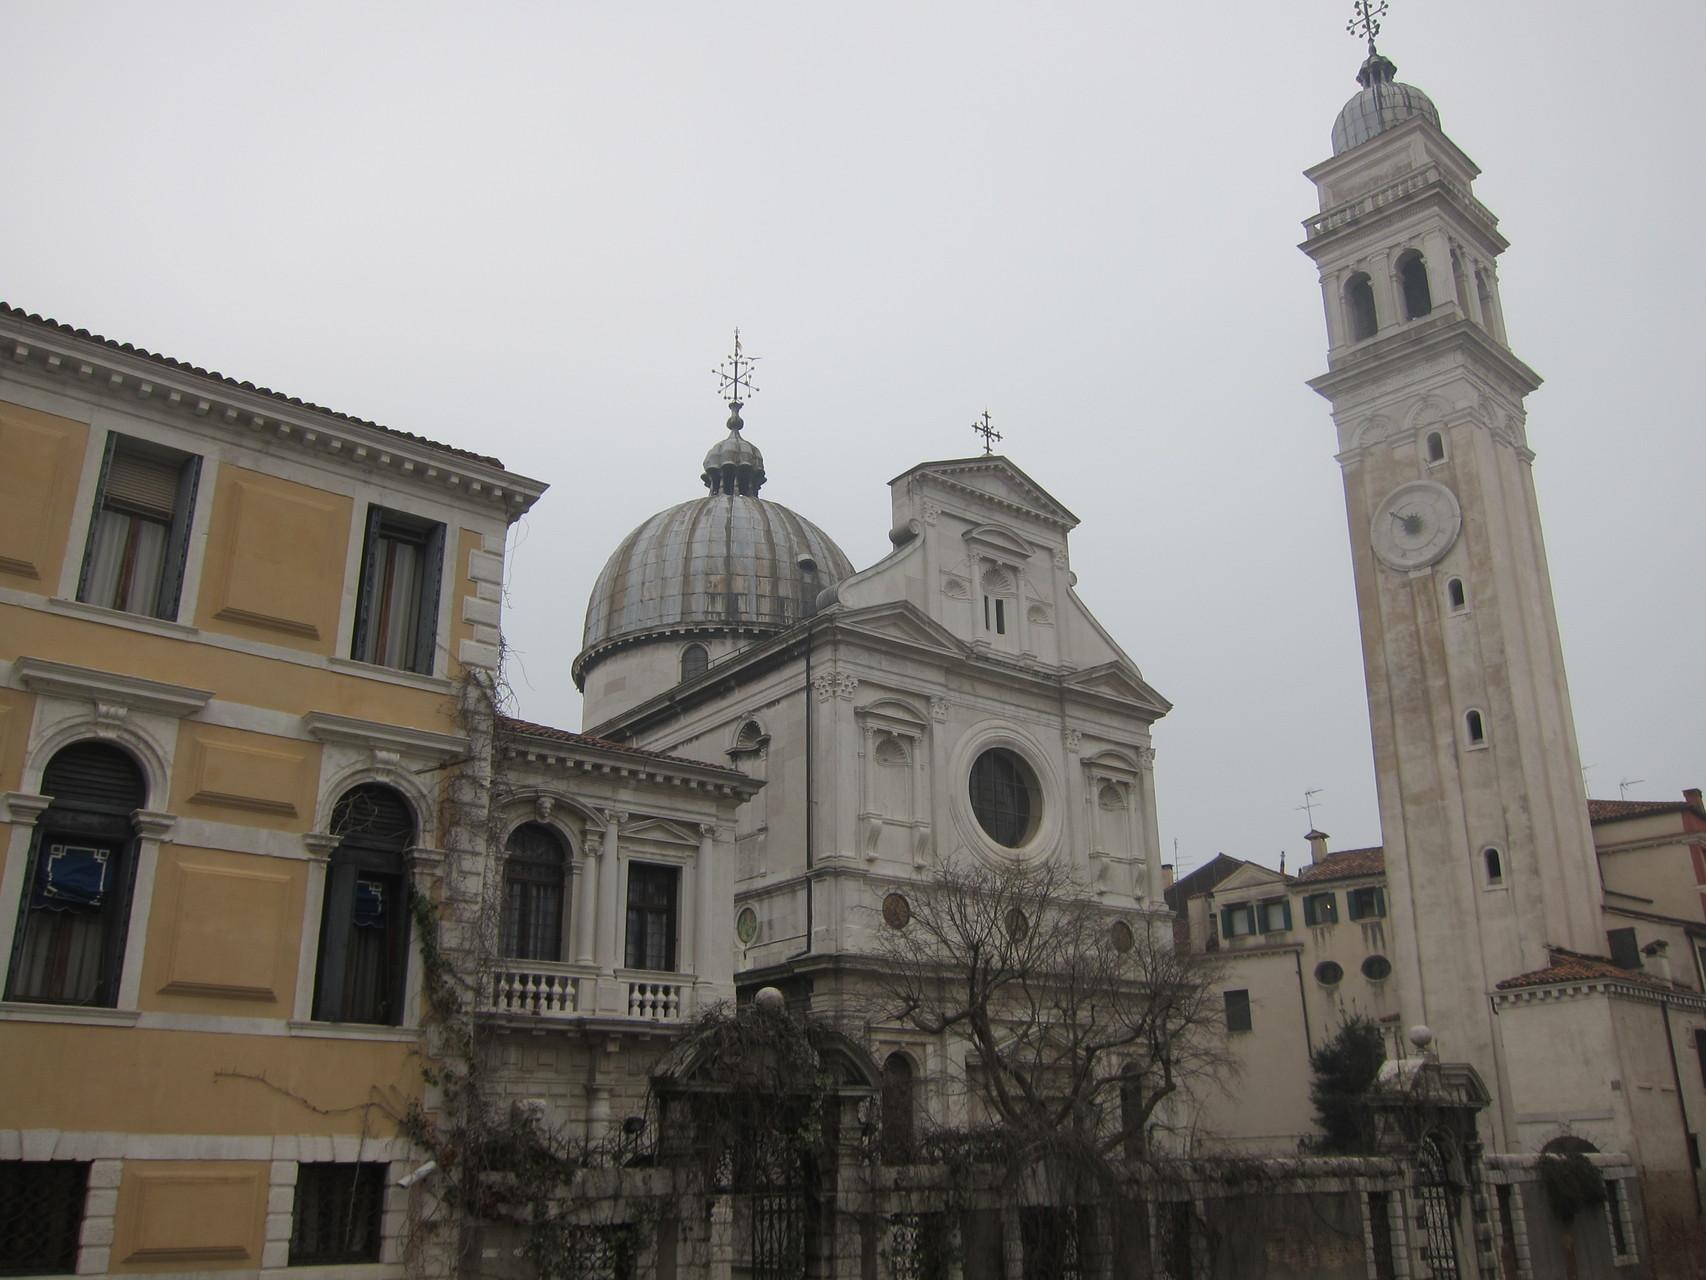 これはギリシャ正教の教会です。